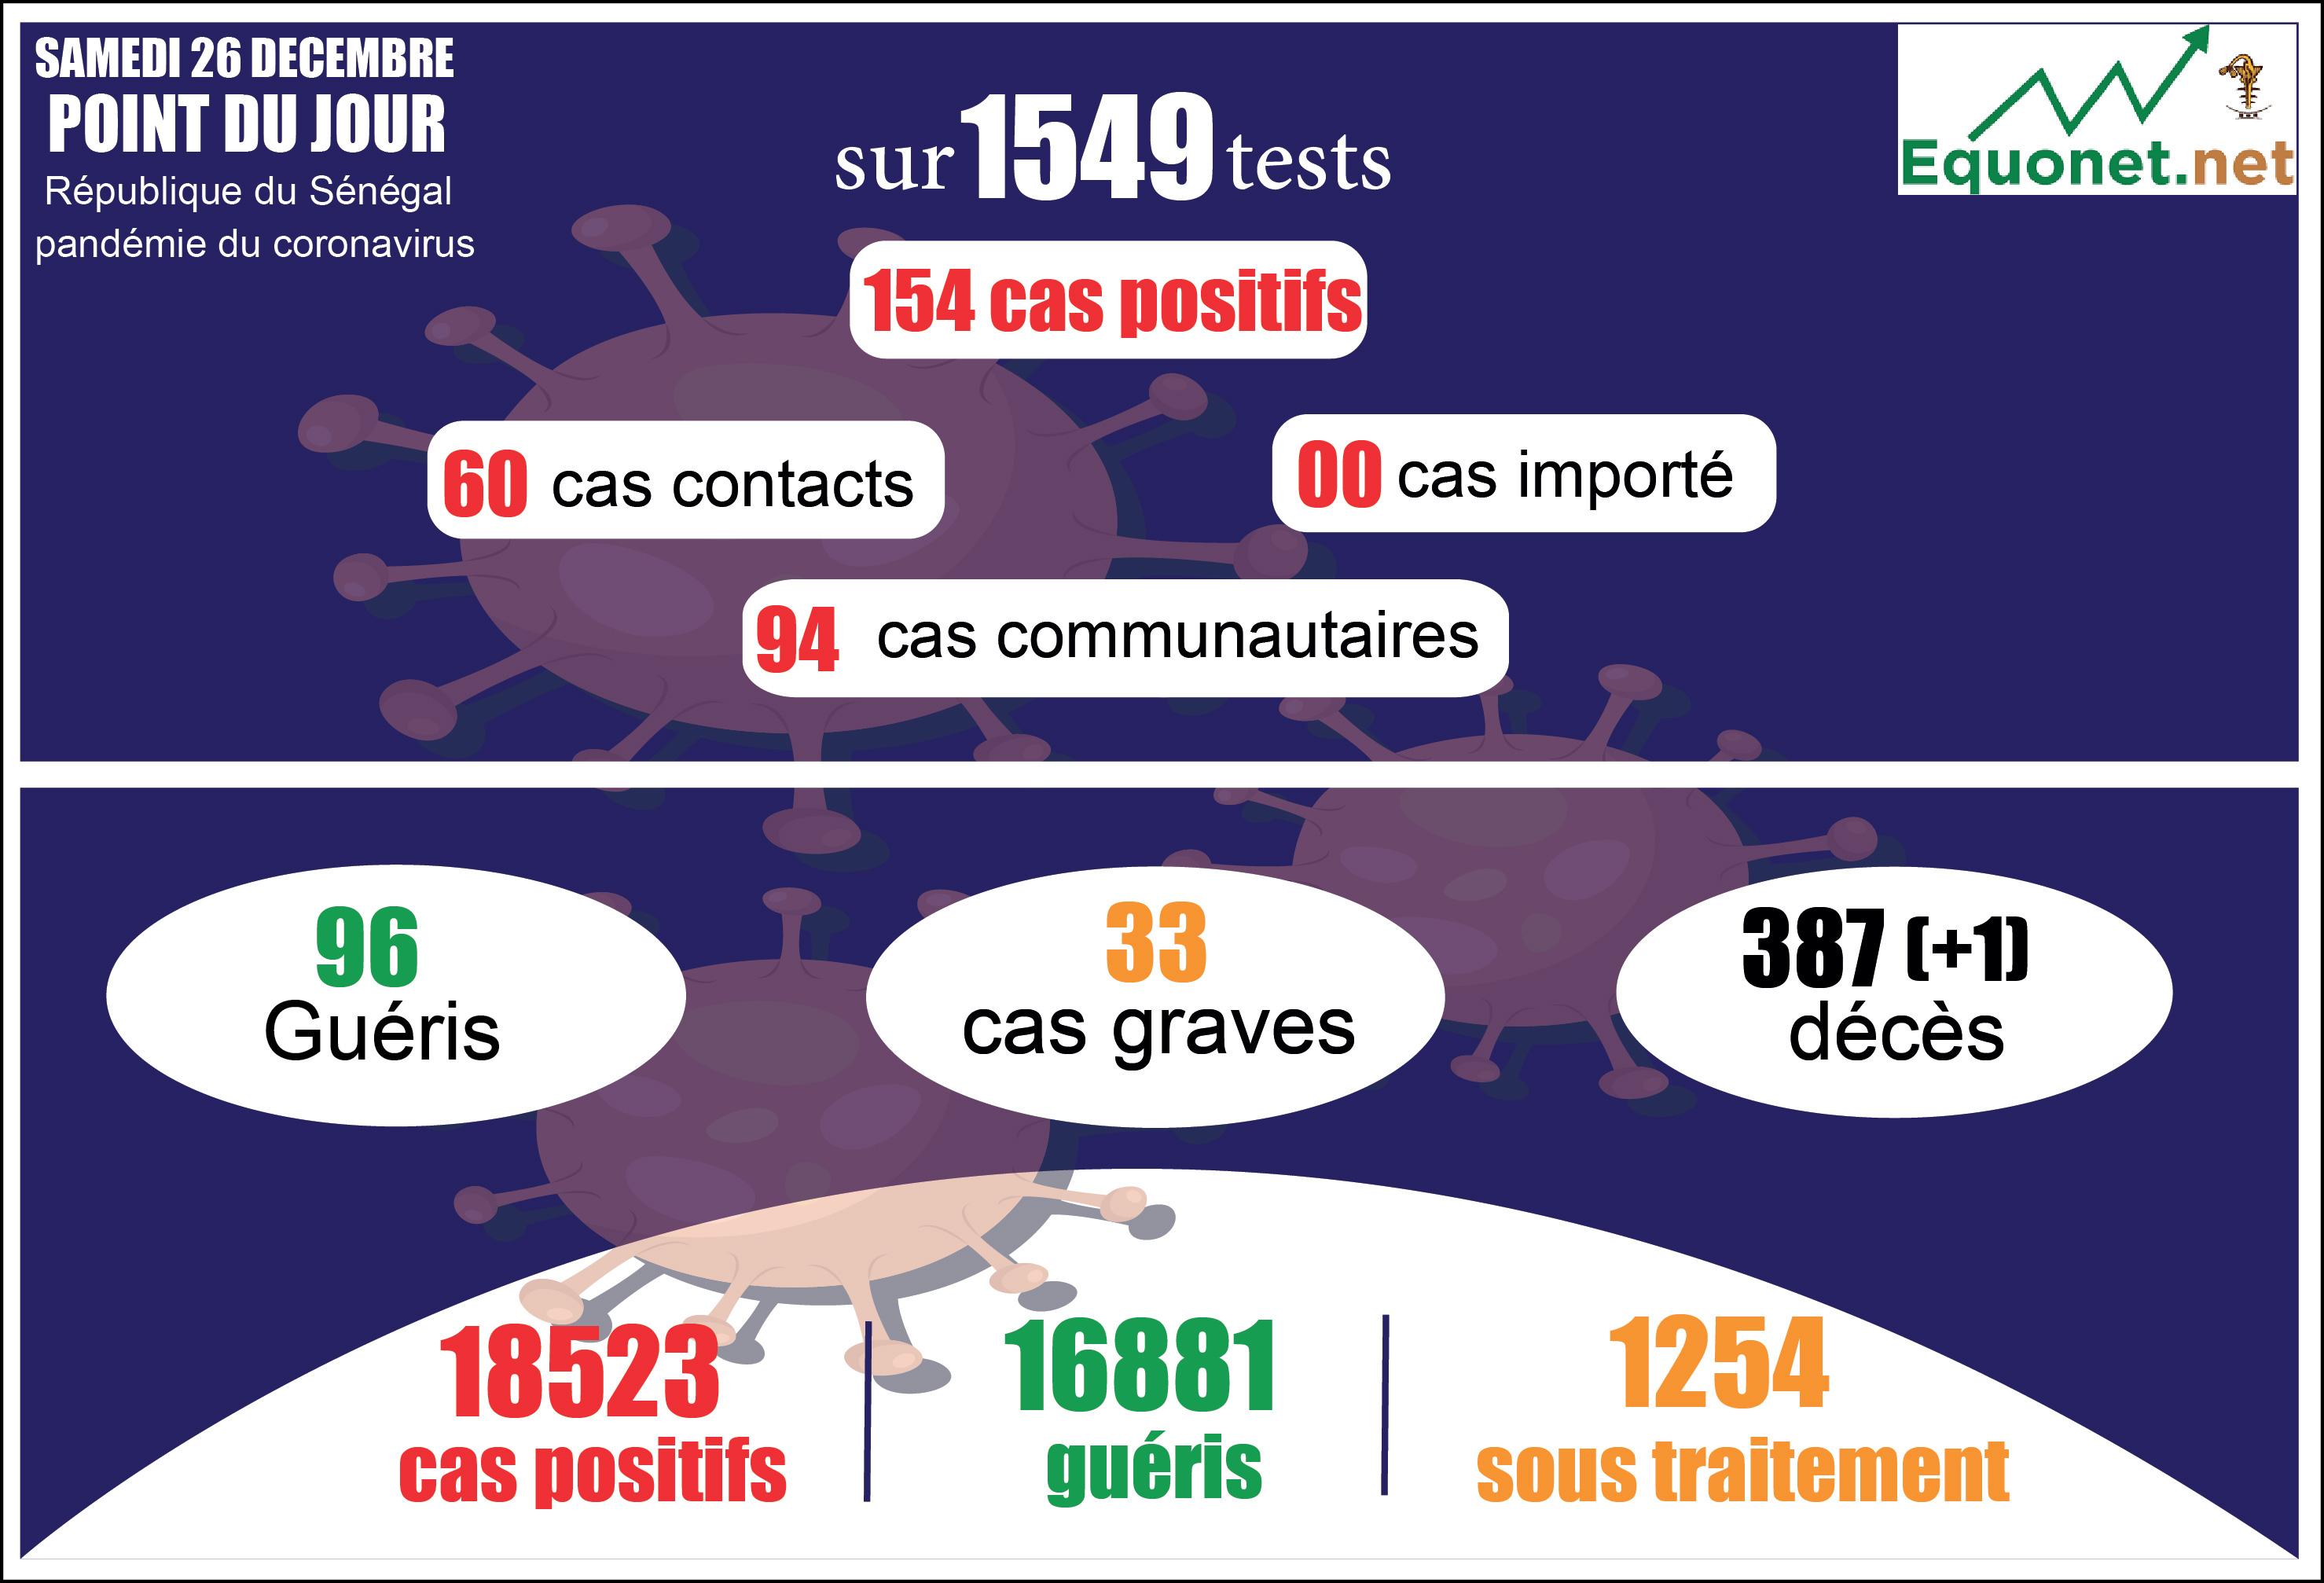 pandémie du coronavirus-covid-19 au sénégal : 94 cas communautaires ont été enregistrés ce samedi 26 décembre 2020